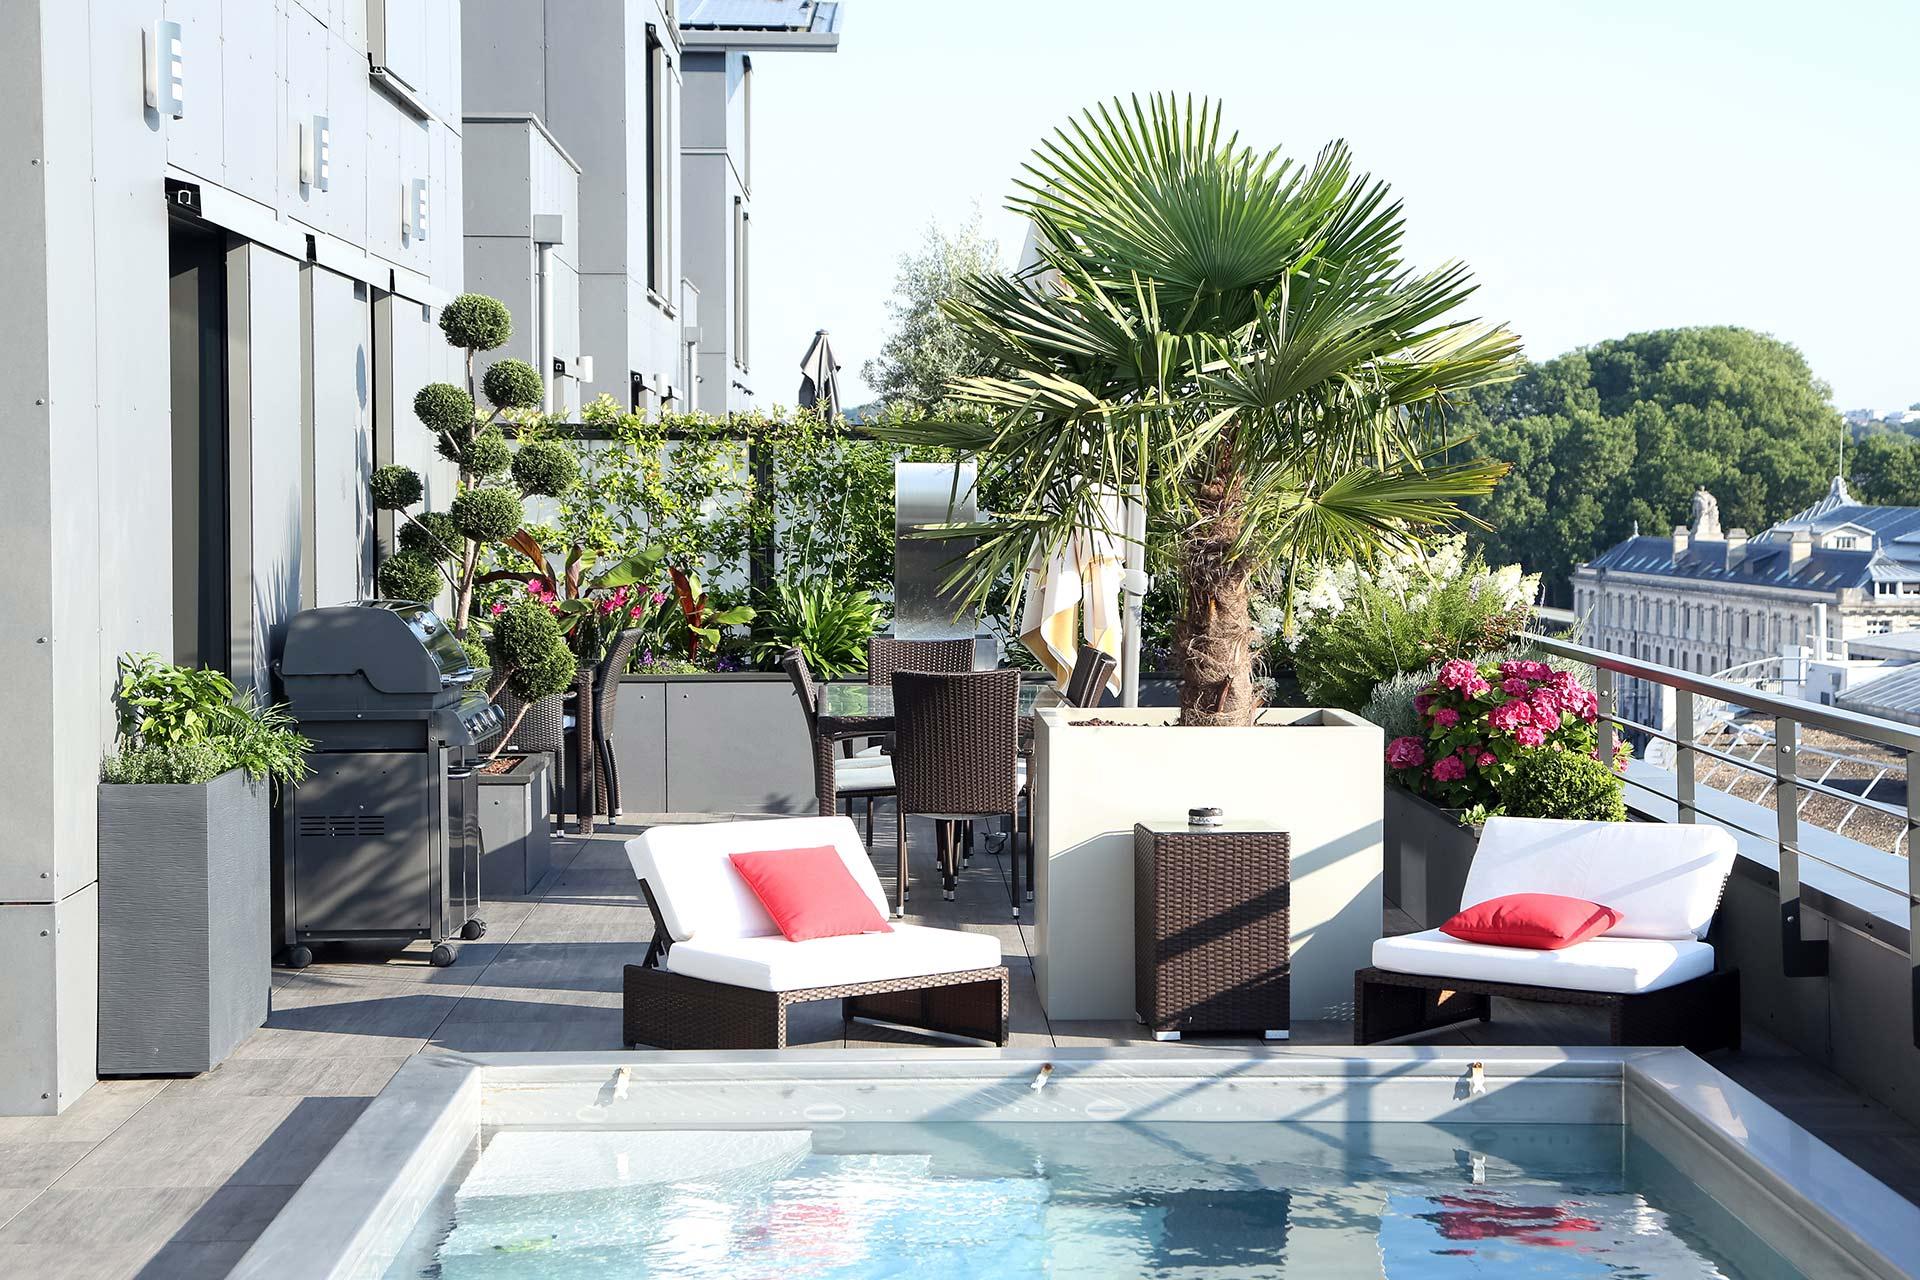 Entreprise du paysage, Serrault Jardins réalise l'ensemble de votre jardin.